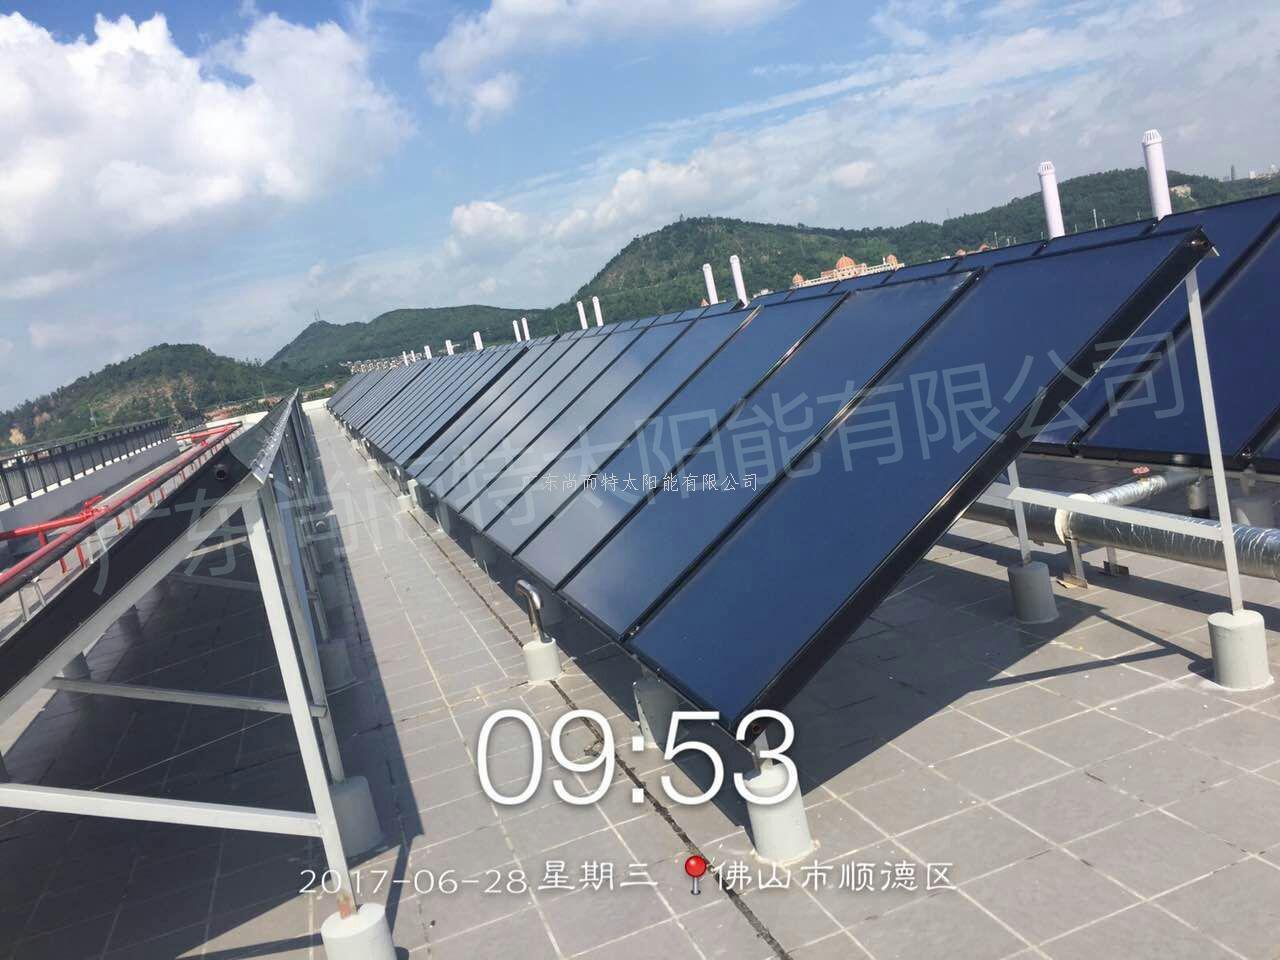 平板太阳能 广东优质太阳能热水器 太阳能集热板